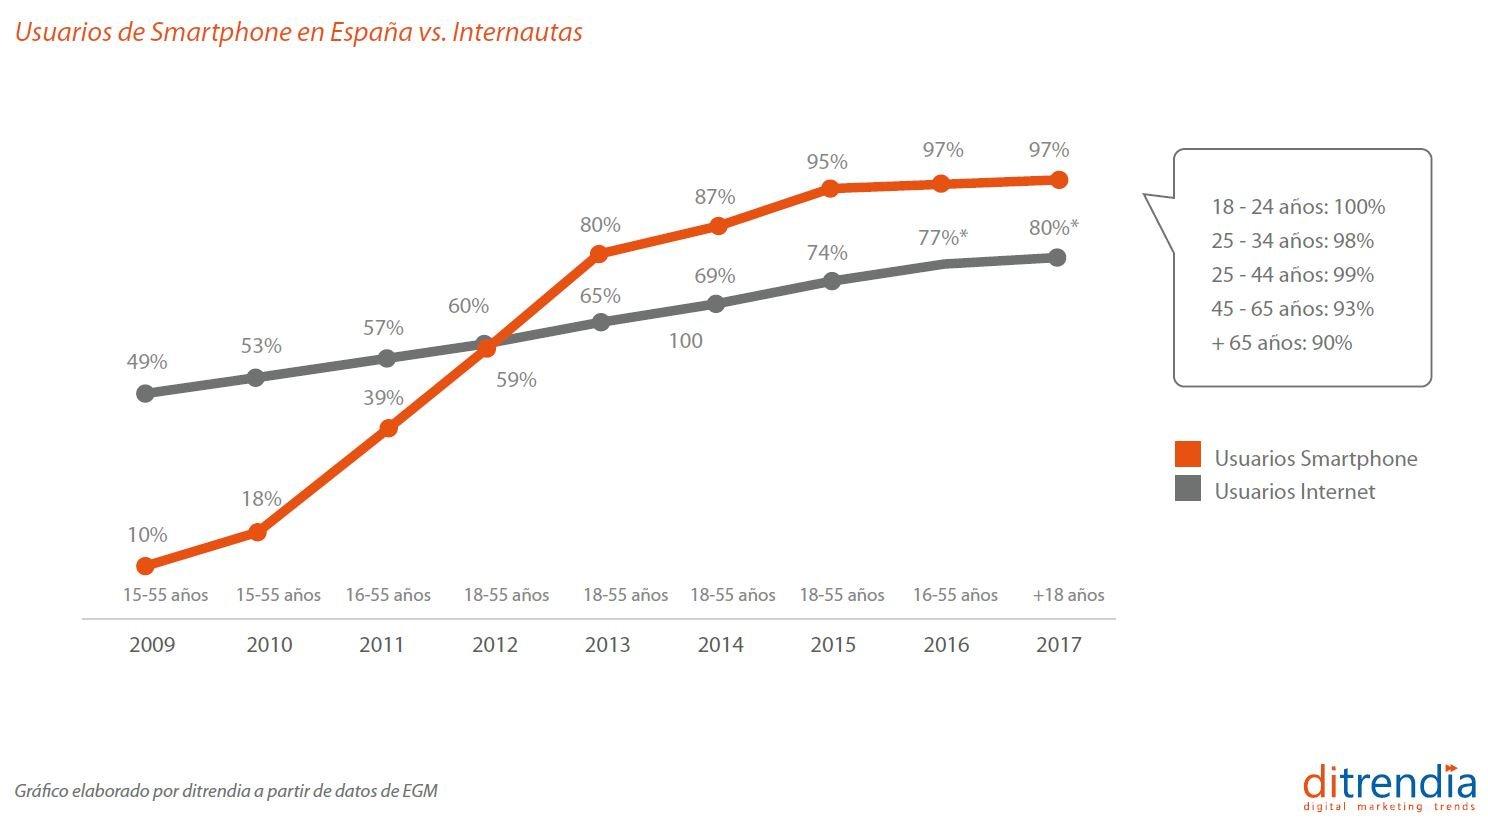 Usuarios de smartphones en España vs Internautas